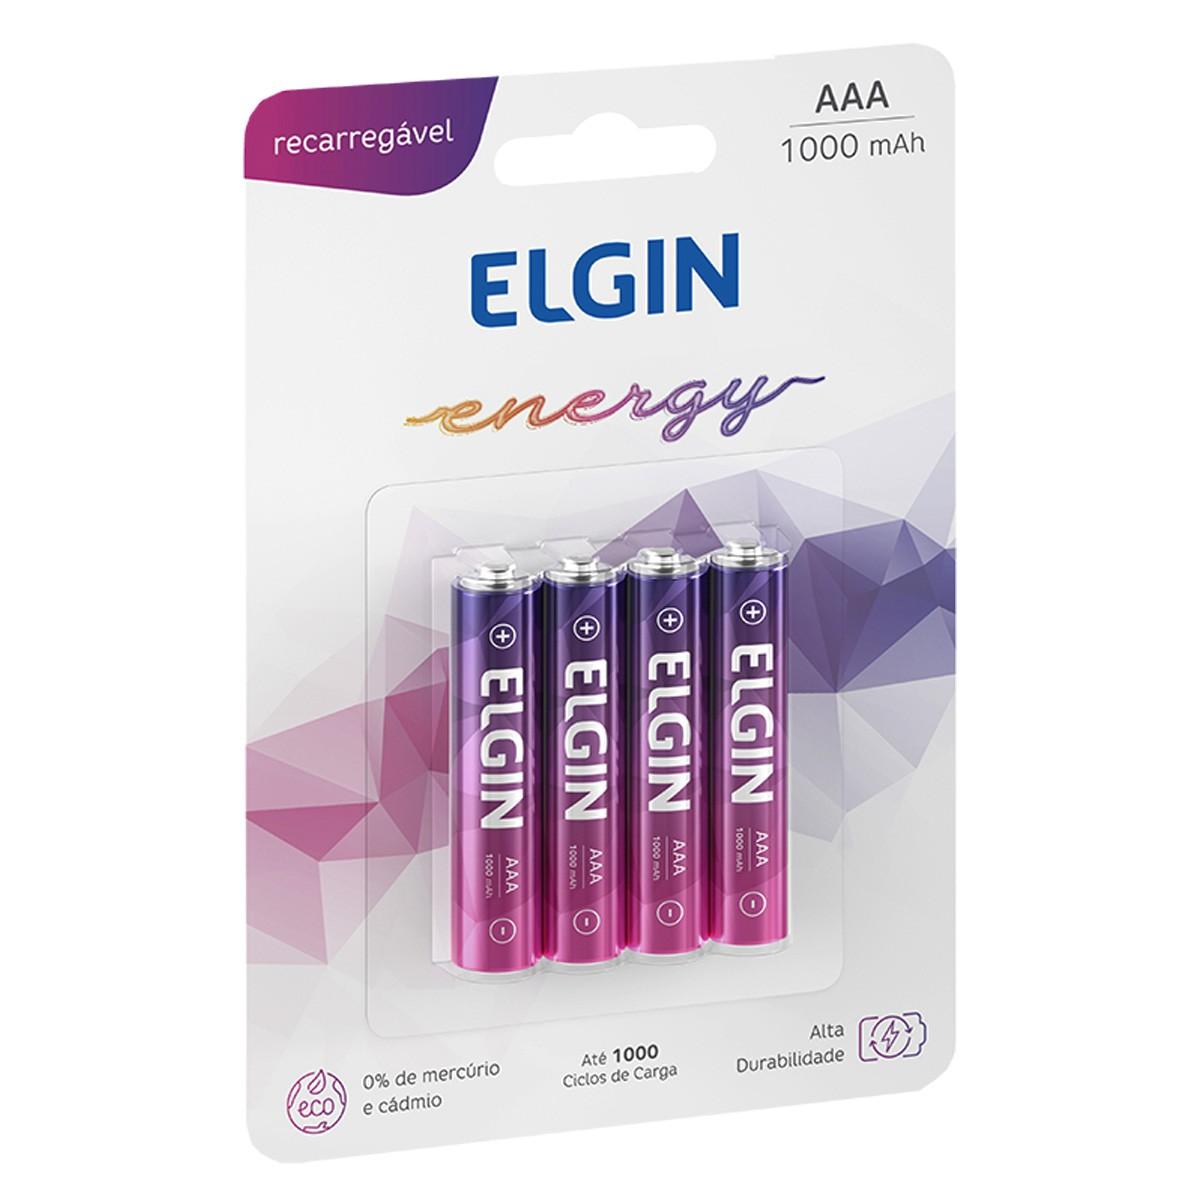 08 Bateria ELGIN AAA 1000mAh Recarregável Alcalina 2 cartela